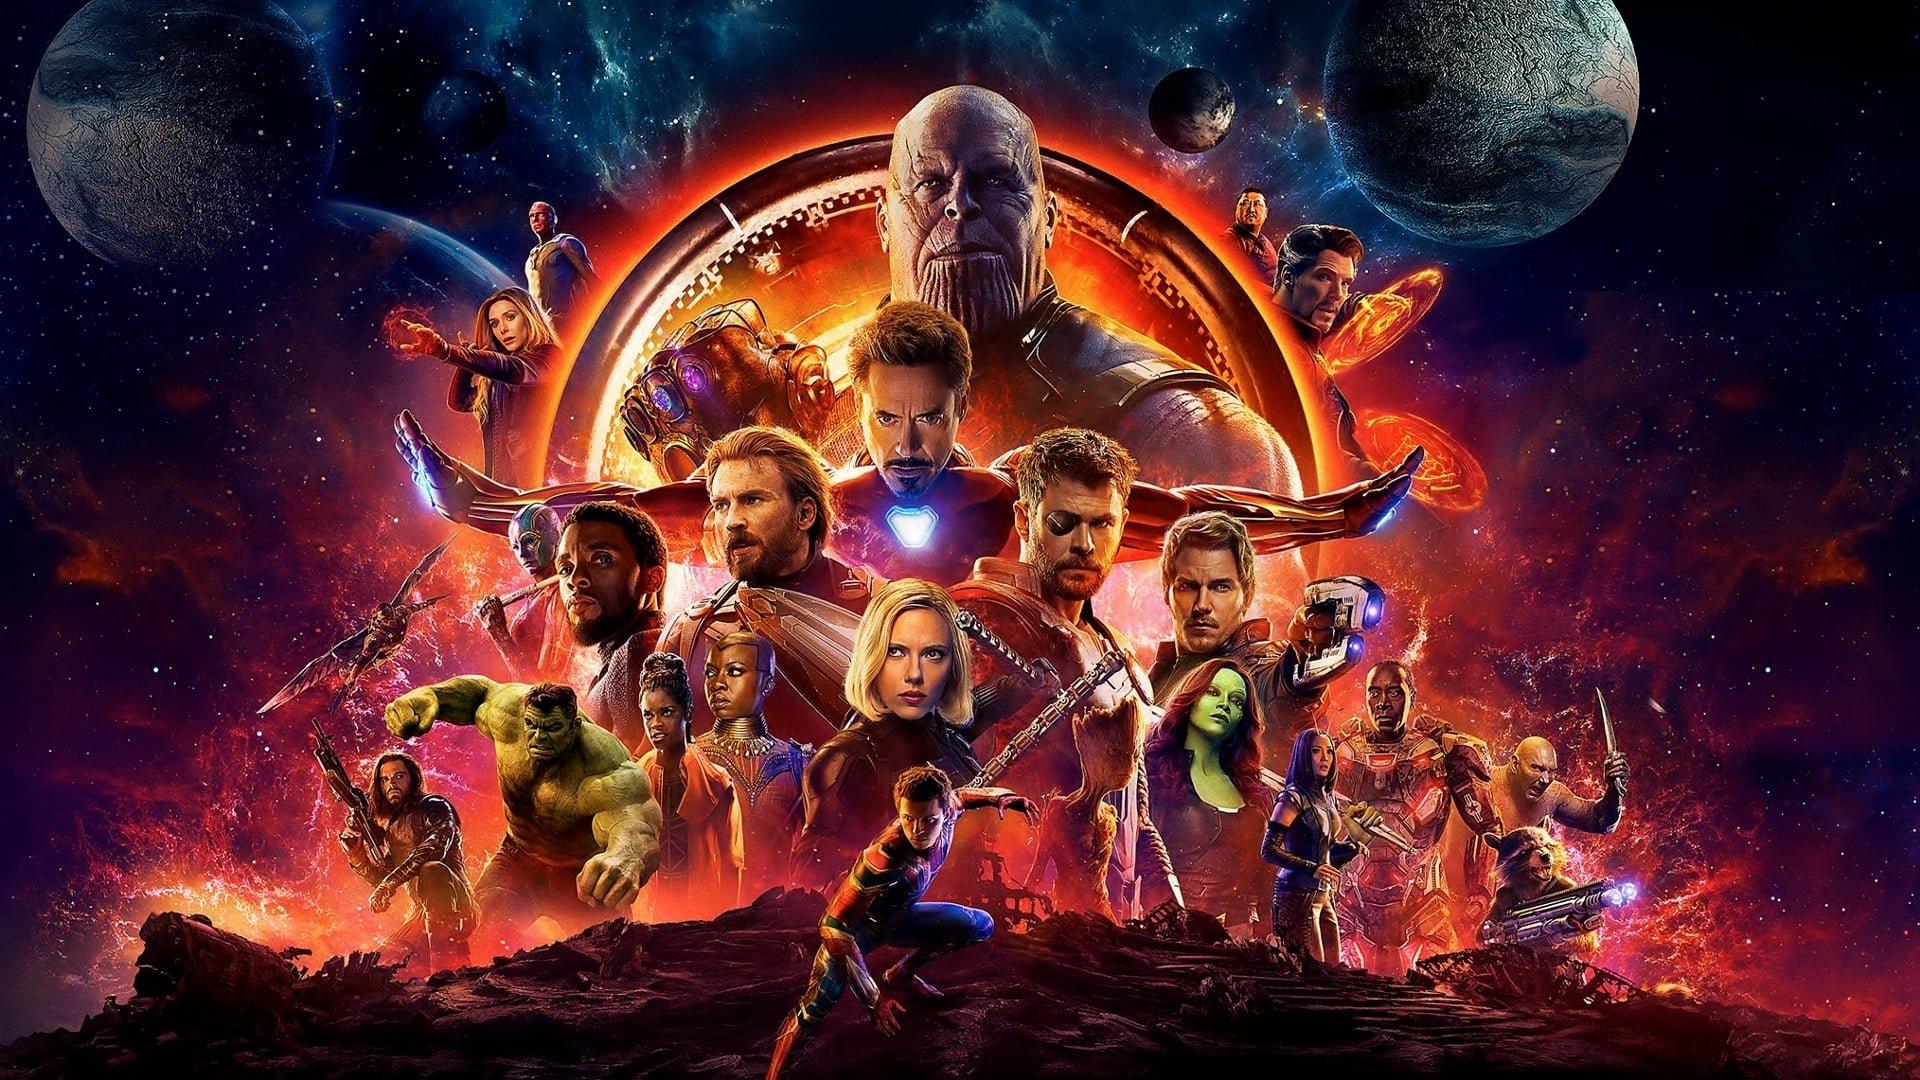 Fondos De Pantalla Hd: Fondos De Los Vengadores Infinity War, Wallpapers Avengers